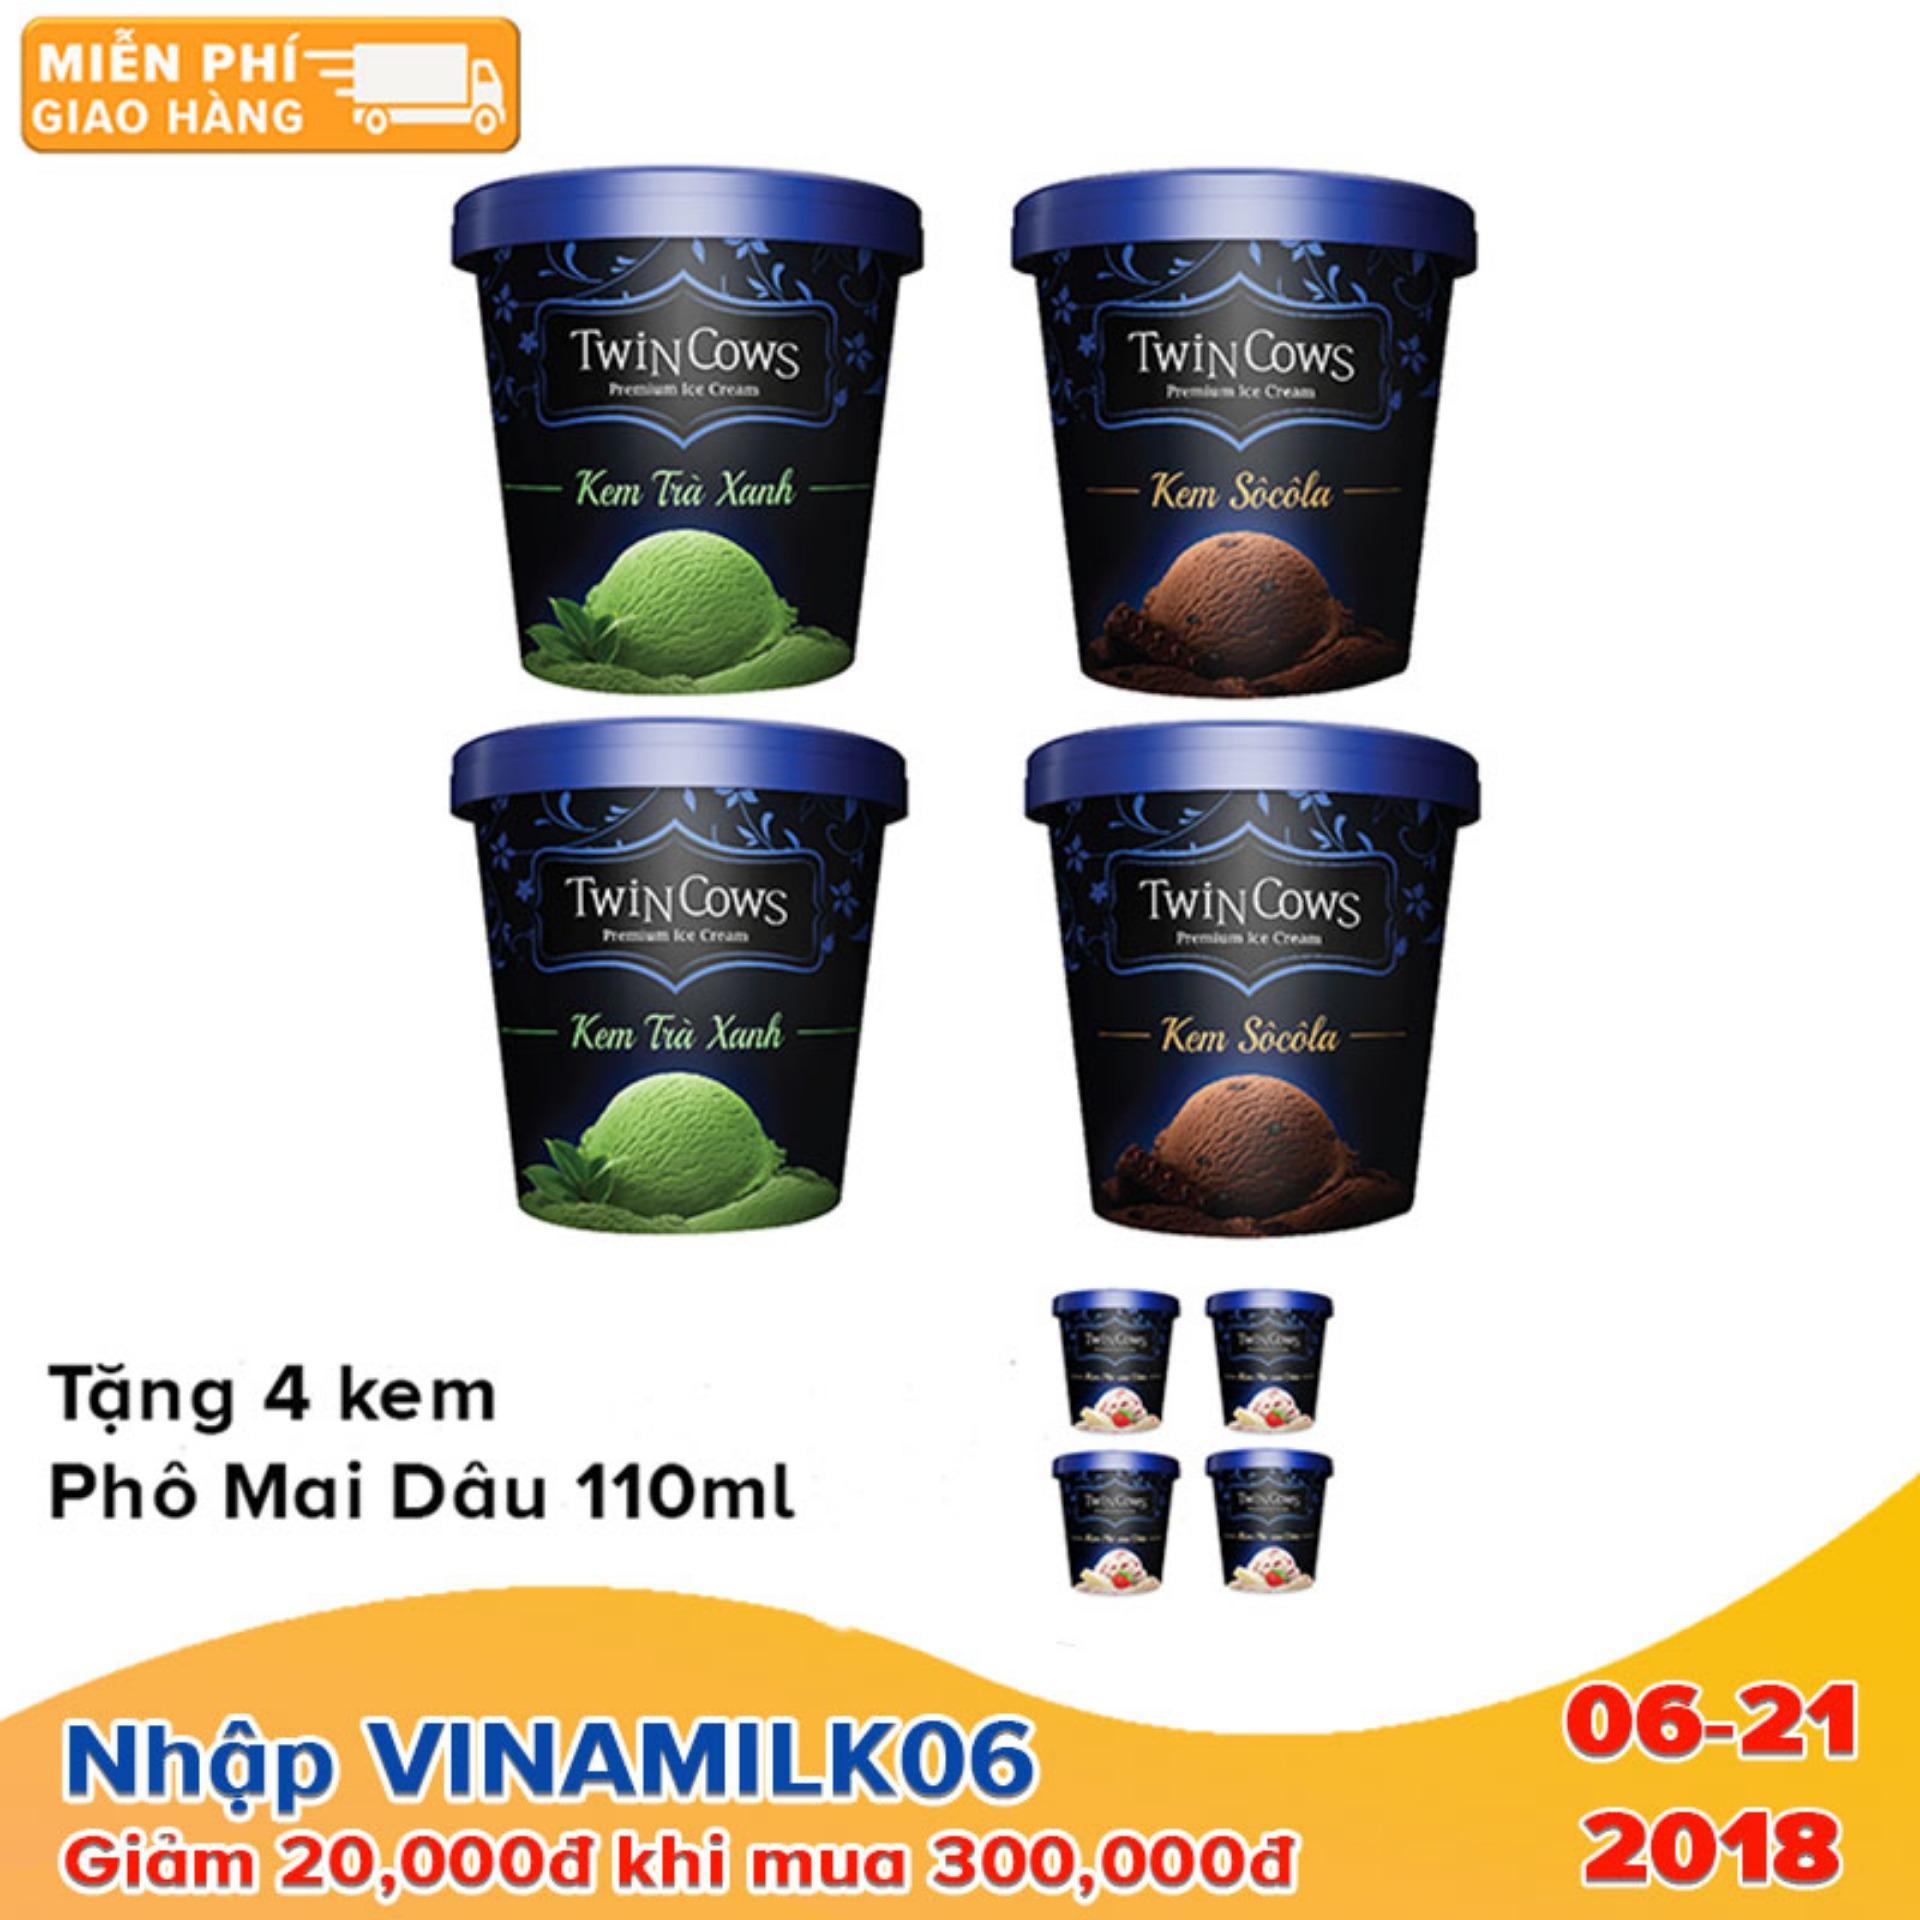 Bộ 4 hộp kem Twincows 450ml các vị Socola + Trà Xanh - Tặng 4 hộp kem Twincows phô mai dâu ly 100ml